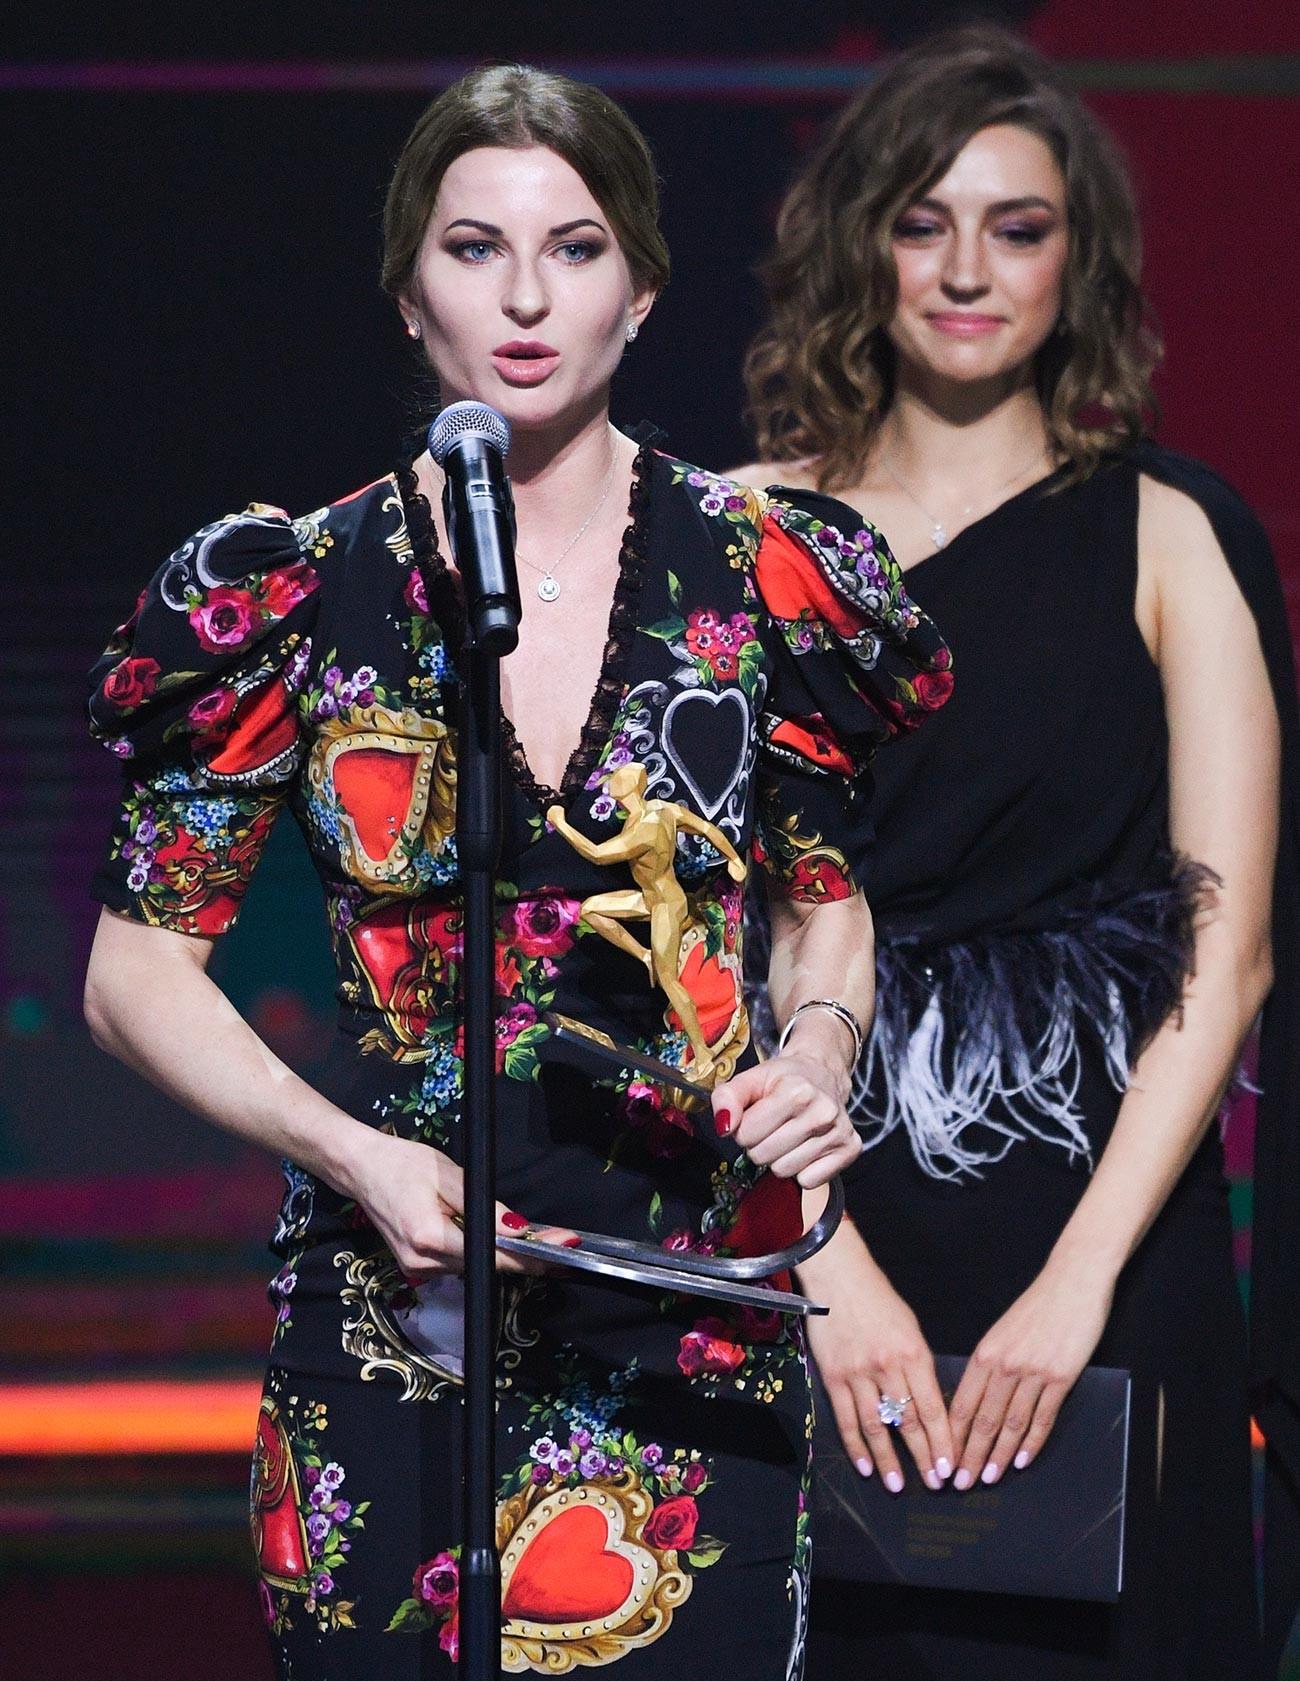 Pemenang Penghargaan Olahraga Nasional 2019 dalam kategori Kebanggan Rusia: Atlet Tahun Ini, juara Olimpiade dan enam kali juara dunia anggar Inna Deriglazova selama upacara penghargaan.